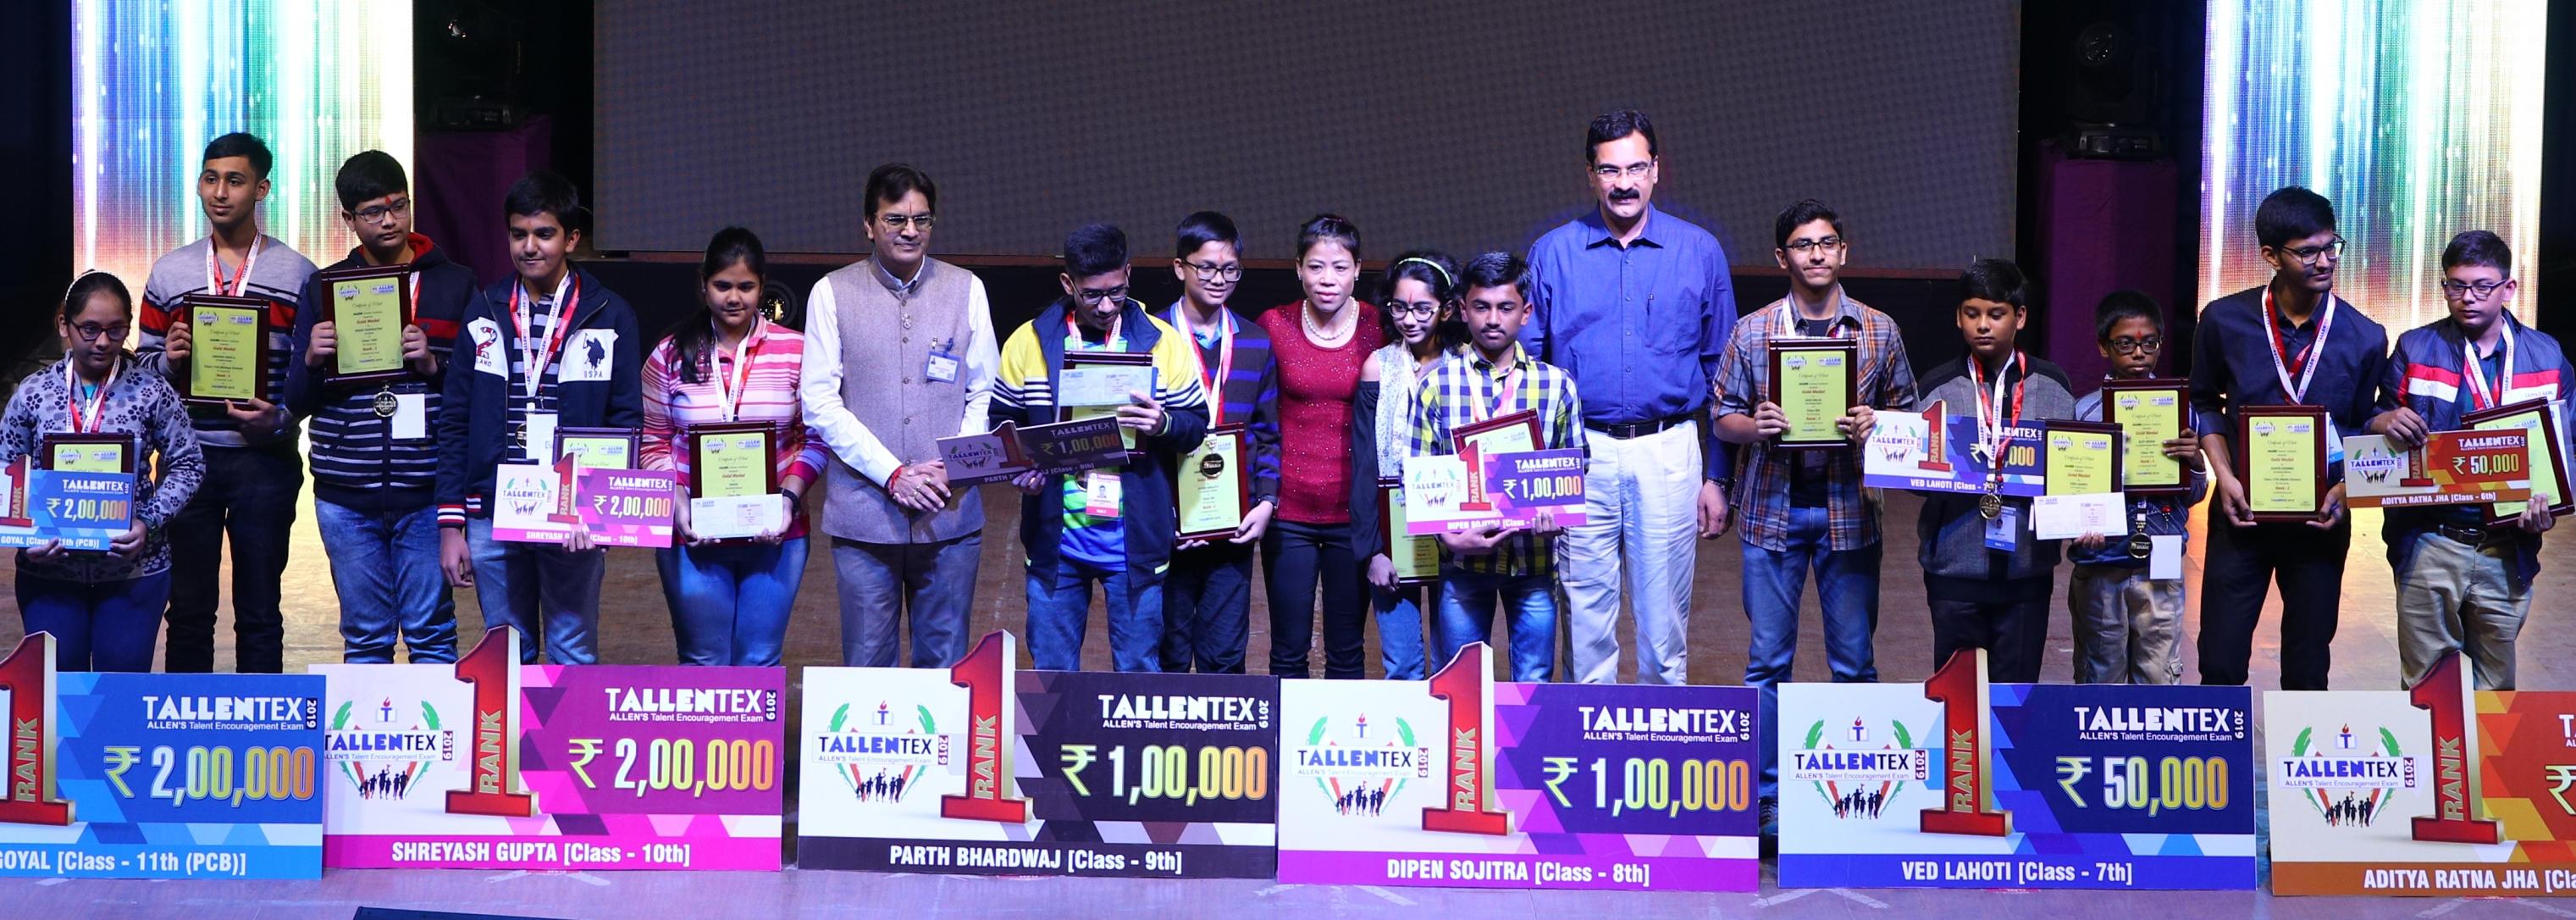 Winners of Tallentex 2019